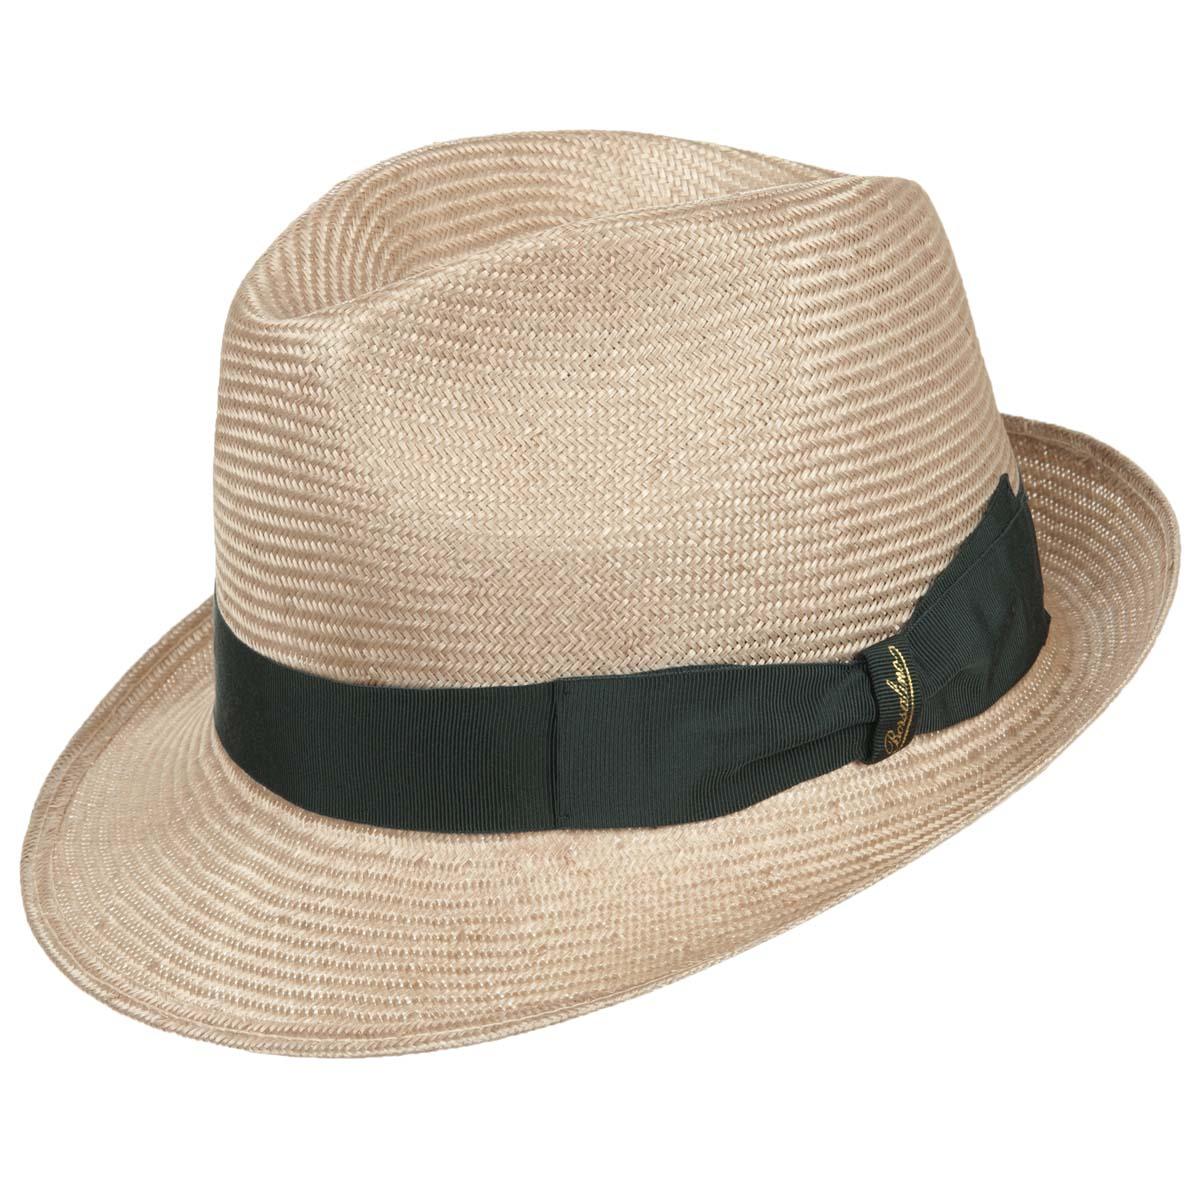 cappello Trilby firmato BORSALINO 4777fce0be57